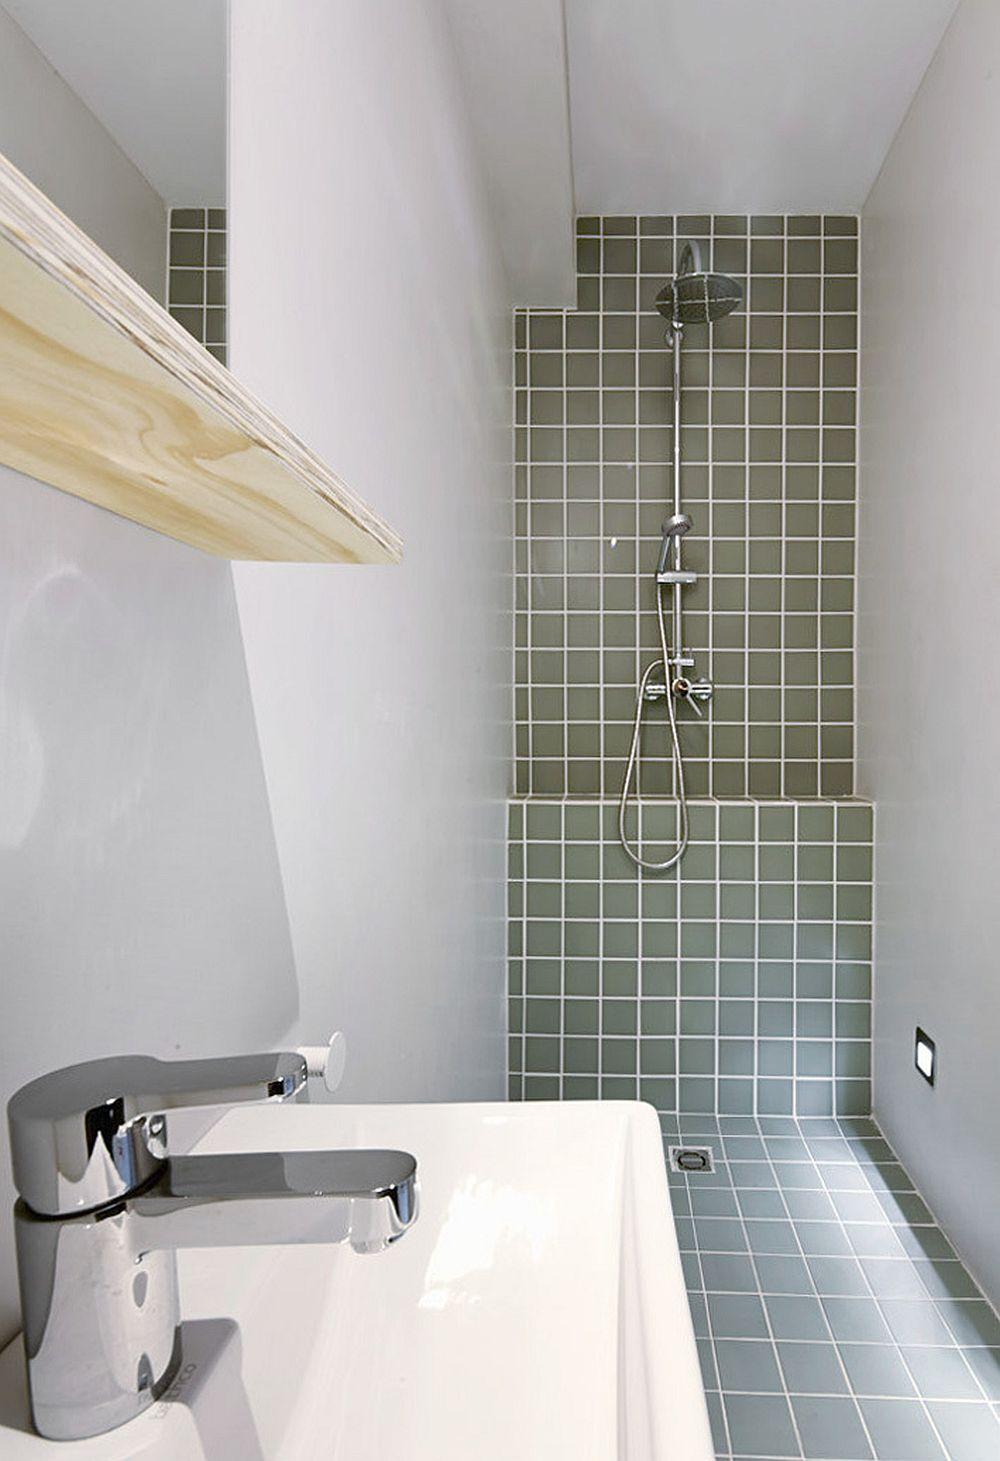 Baia este mică, dar cu toate cele necesare, respectiv zonă de duș, zonă de lavoar și vas wc. Desigur, pentru că dimensiunile sunt reduse, și obiectele sanitare au fost adaptate spațiului, respectiv au fost alese cu dimensiuni mici, potrivite spațiului. De asemenea, zona de duș nu este separată cu panou de sticlă.